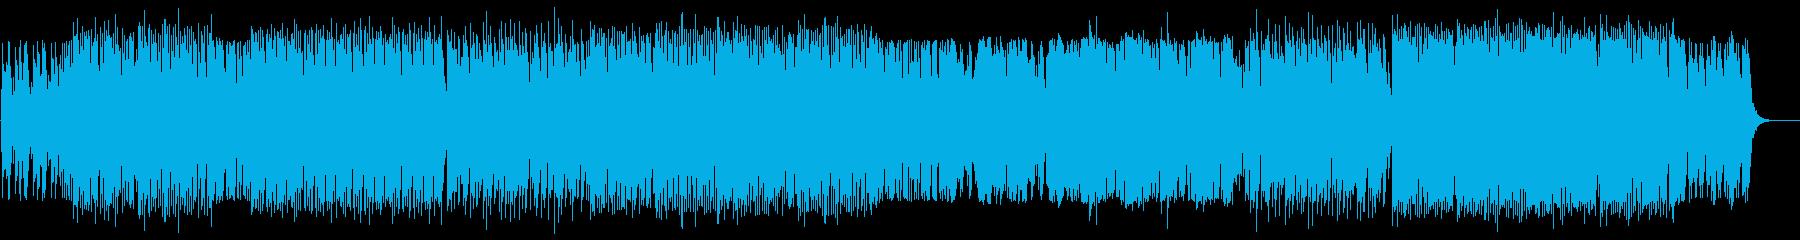 迫力とドキドキ感のある弦楽器サウンドの再生済みの波形